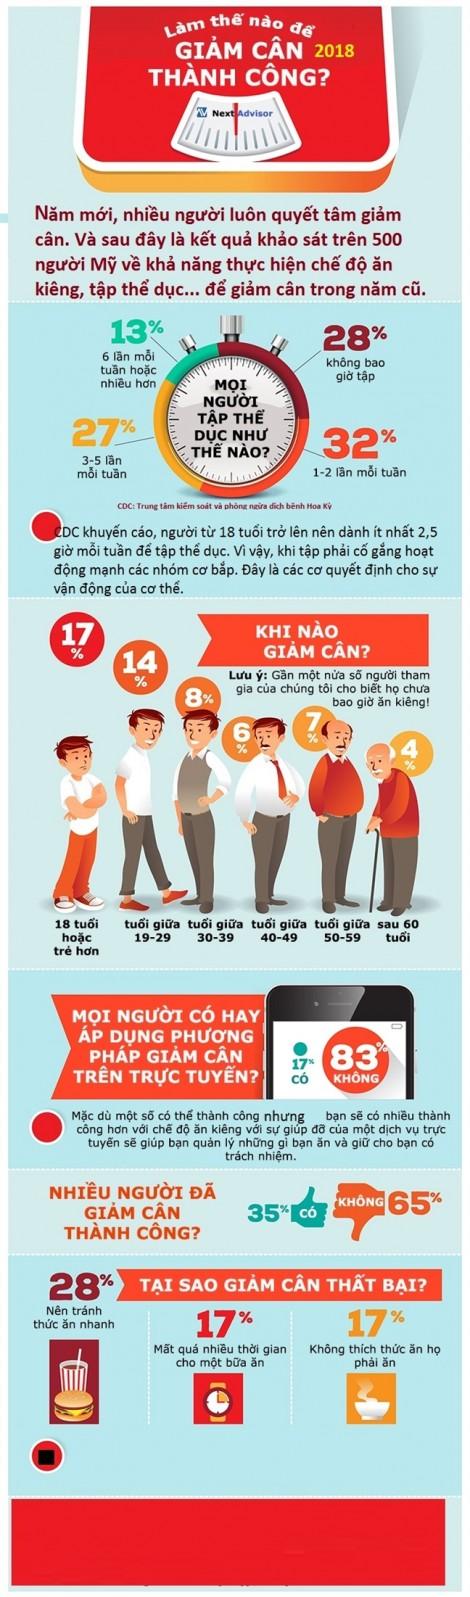 Vì sao bạn khó giảm cân?